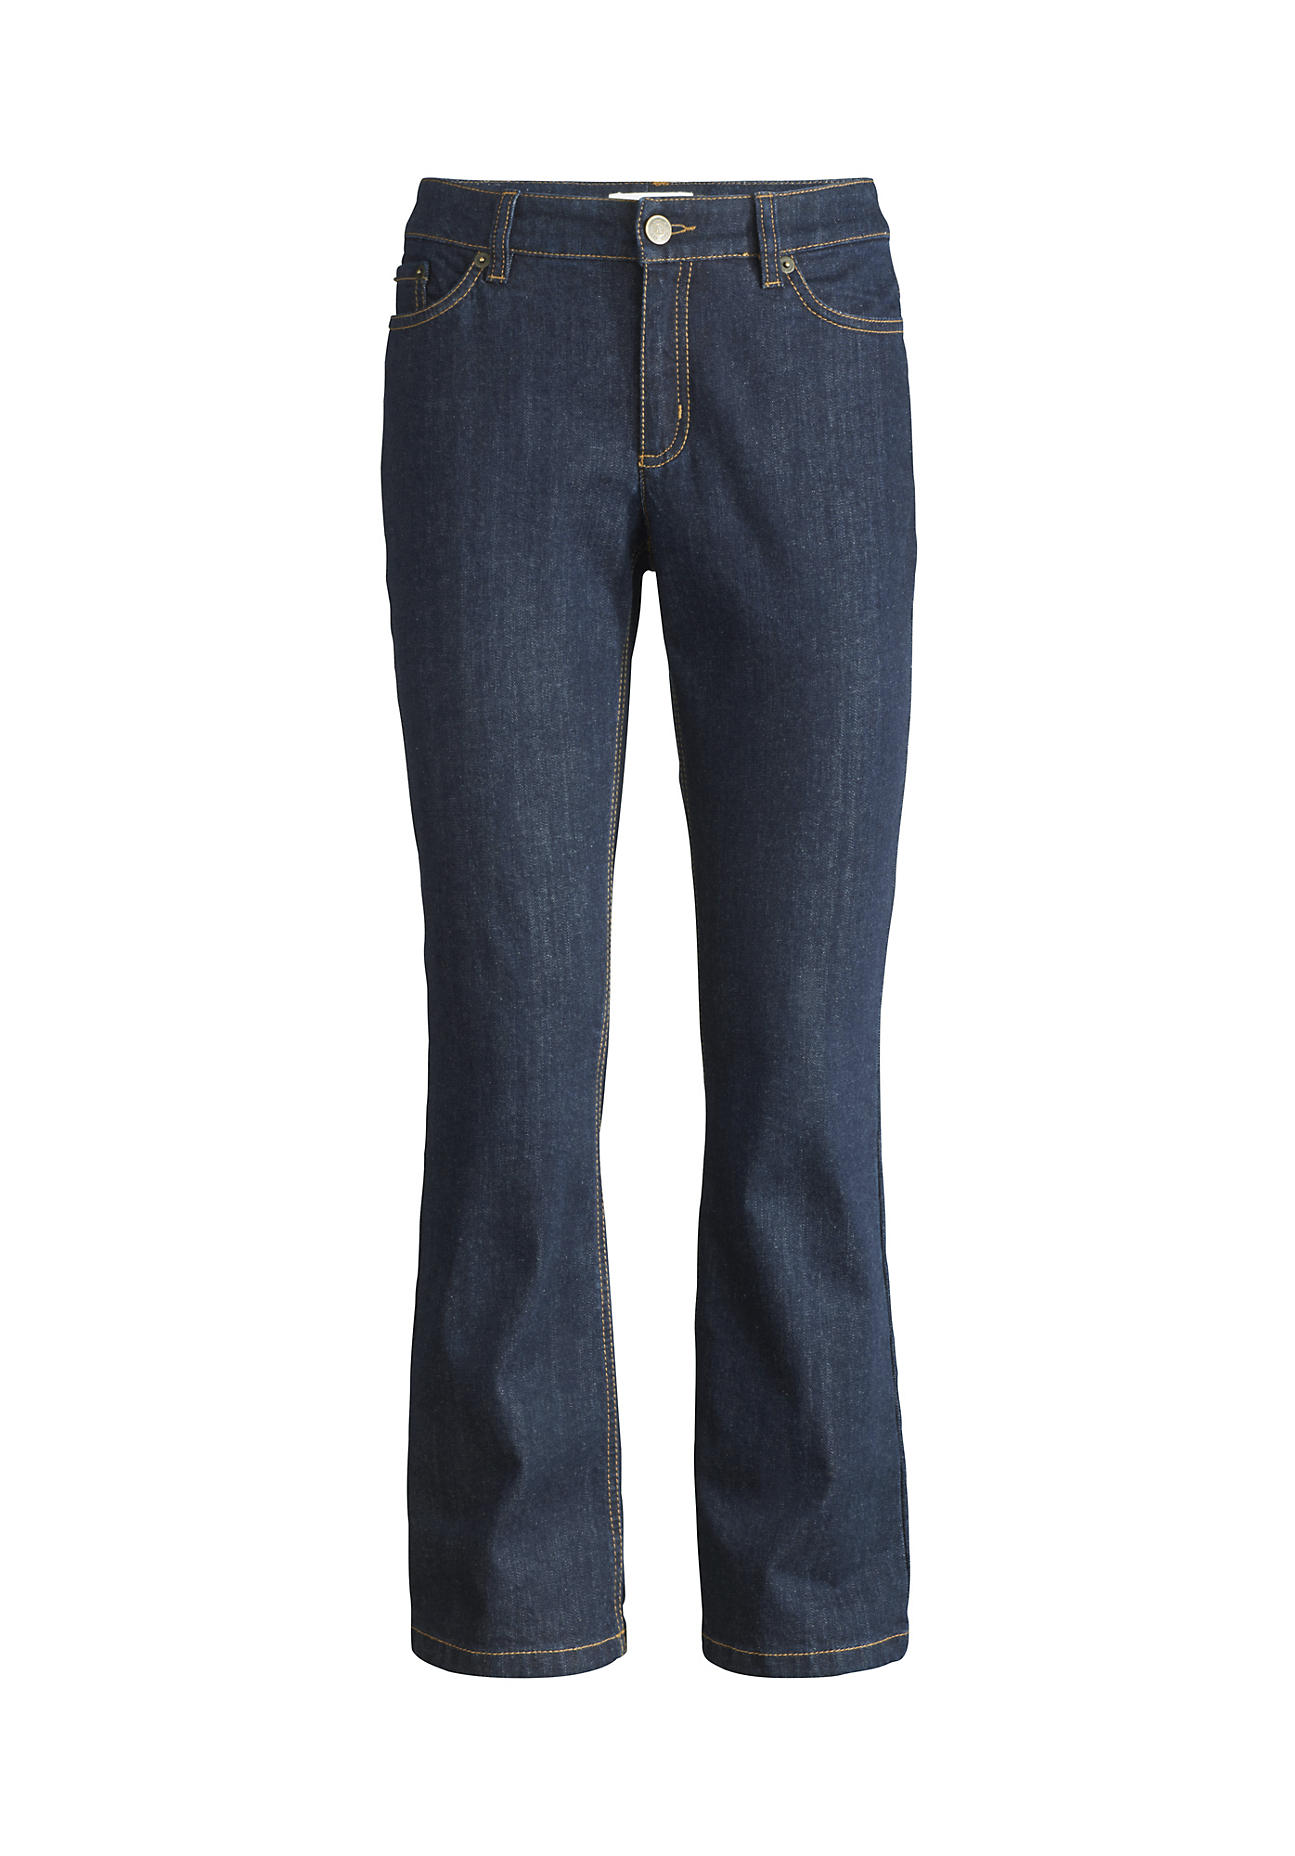 hessnatur Damen Jeans Baby Flared aus Bio-Baumwolle – blau – Größe 28/32